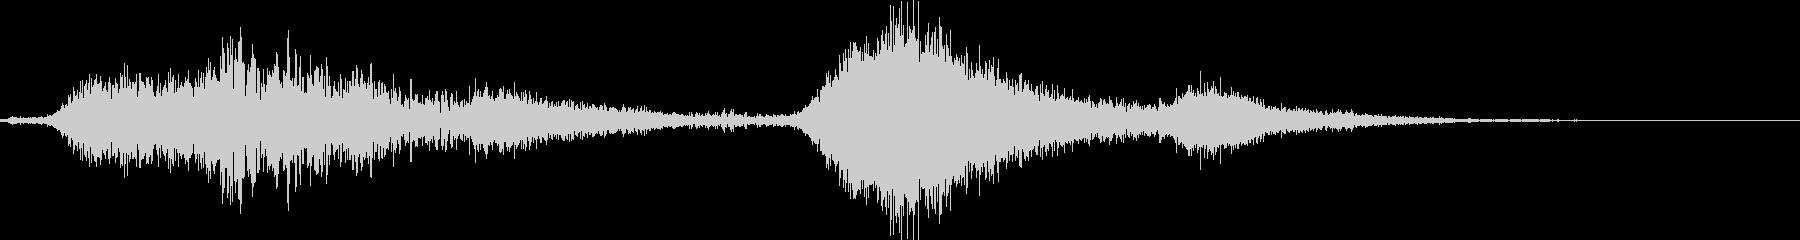 リバーブ付きヒーブメタルスクレープの未再生の波形